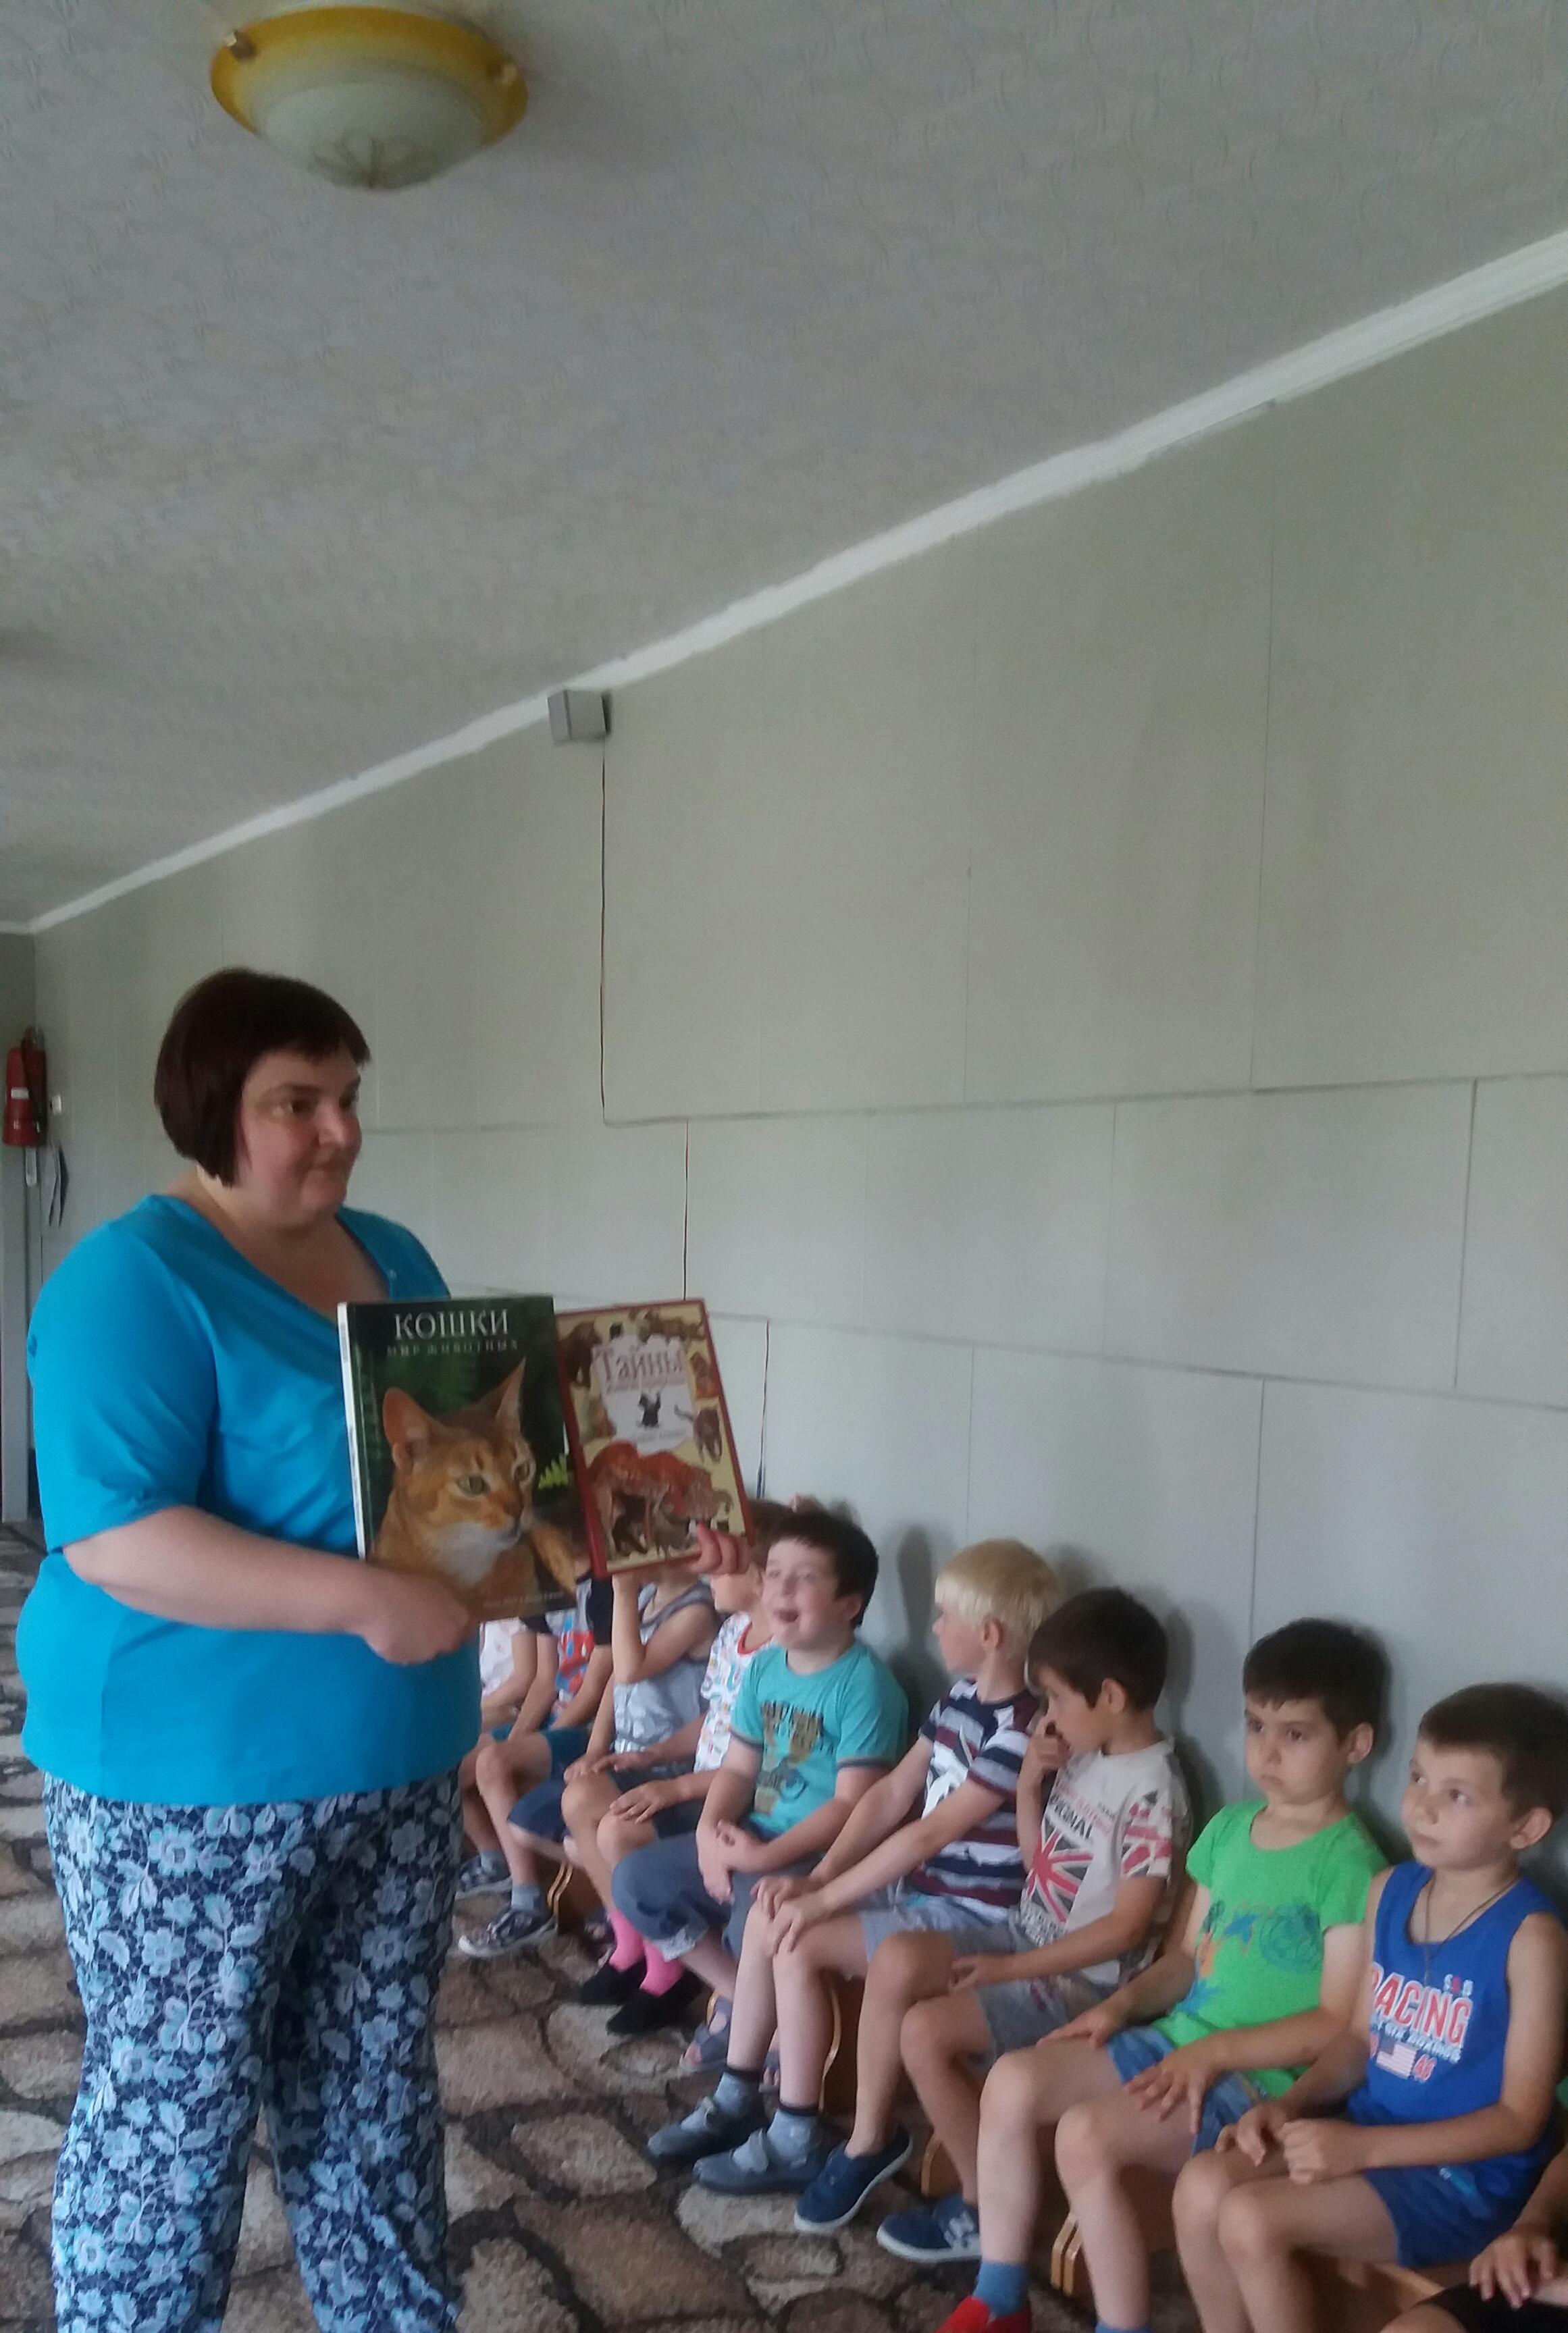 республиканская библиотека для детей, отдел внестационарного обслуживания, детский сад №264, зоочас, кошки, подвижные игры